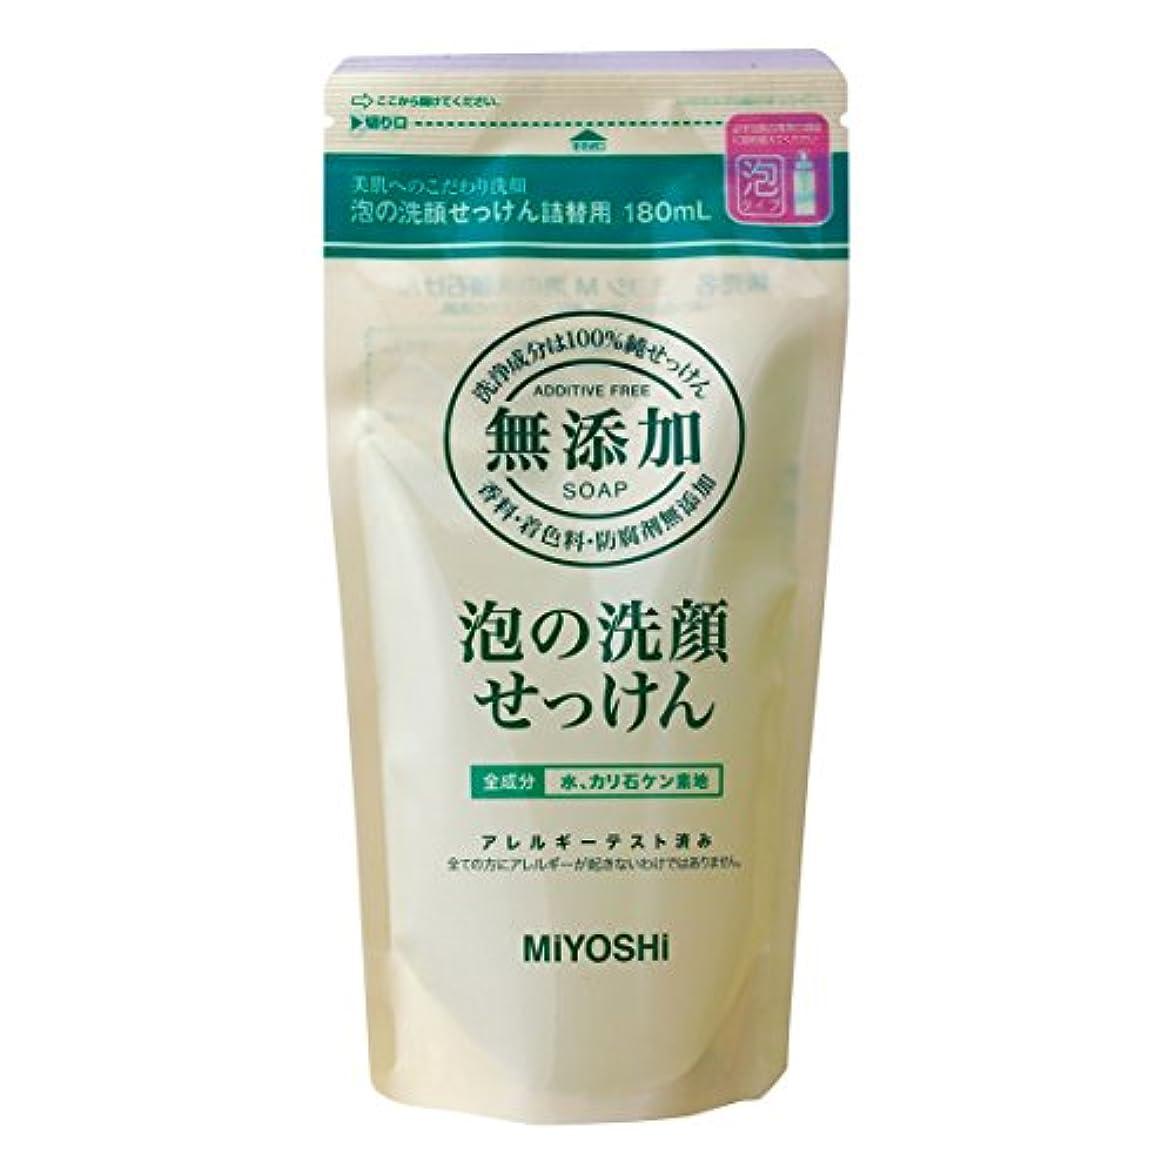 手つかずの典型的な誓約無添加泡の洗顔せっけん 詰替180ml